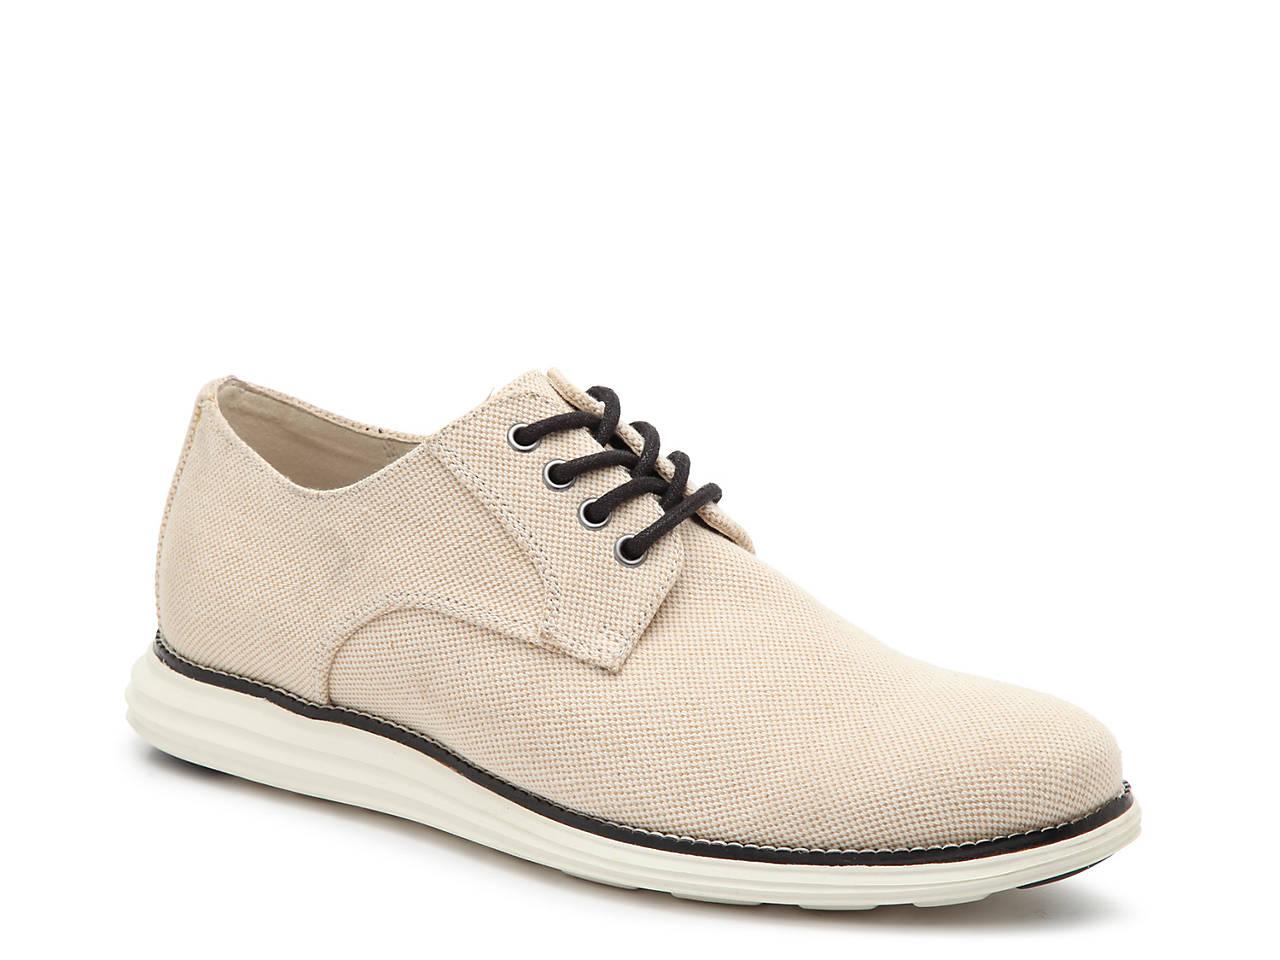 ccee5434f8 Cole Haan Original Grand Plain Oxford Men's Shoes | DSW